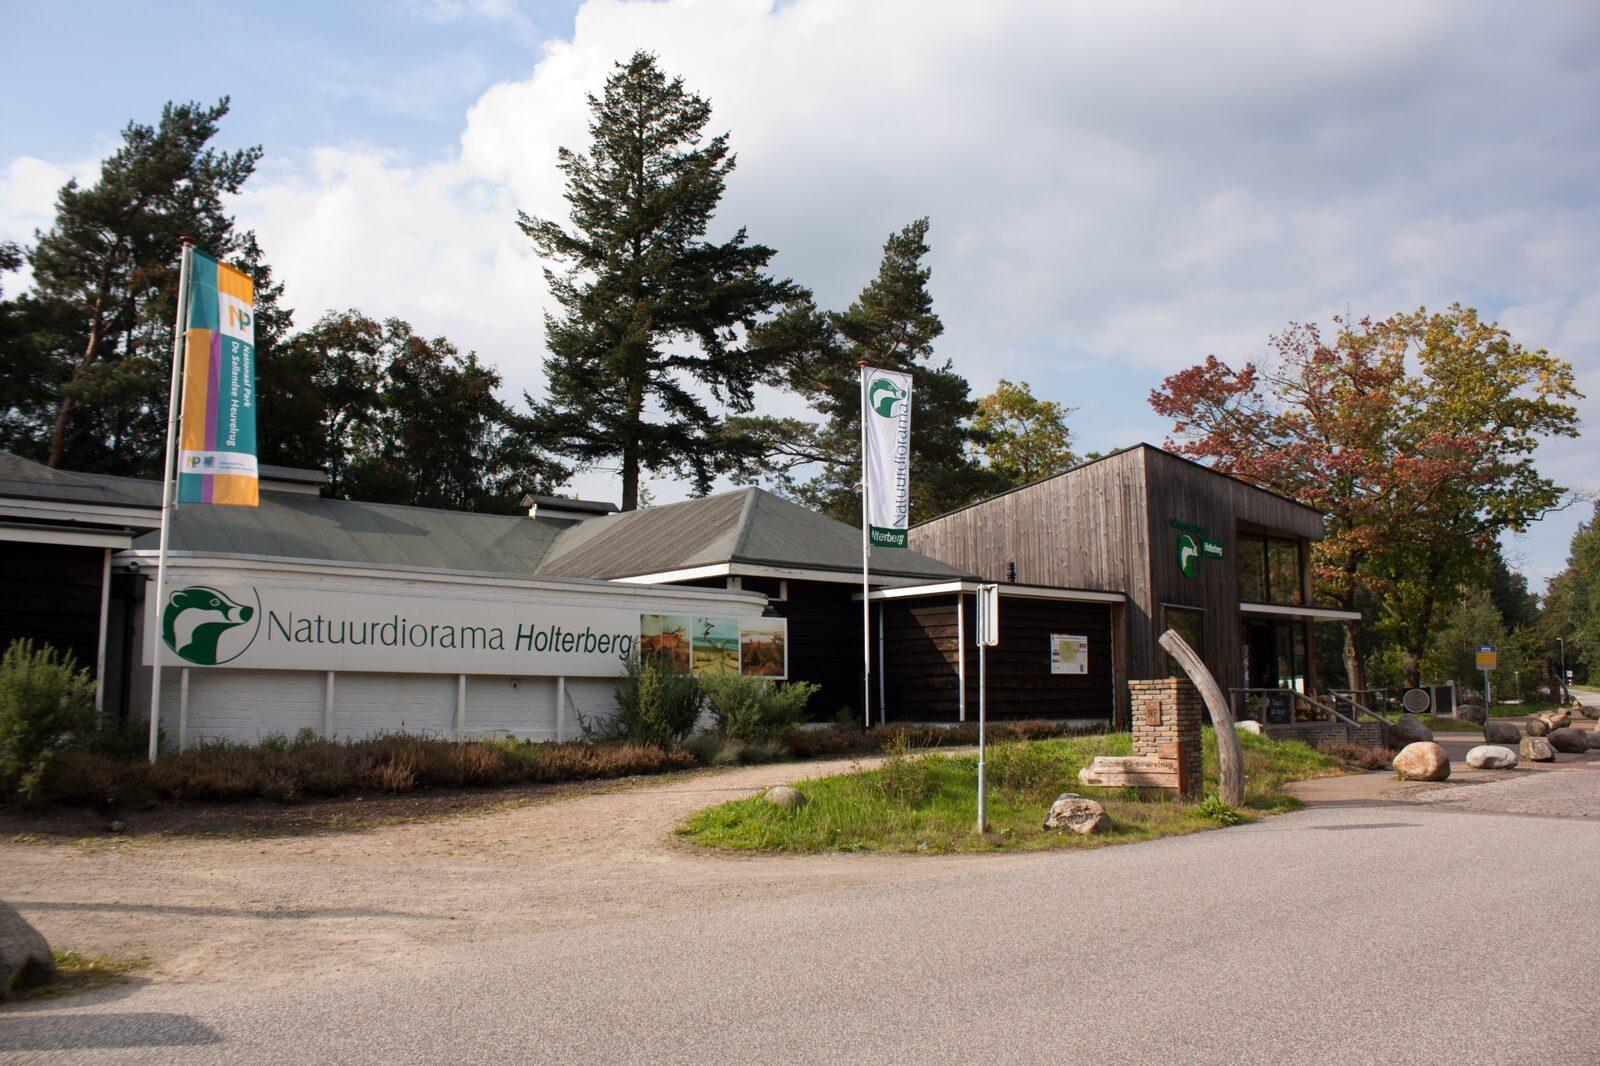 Natuurdiorama Holterberg